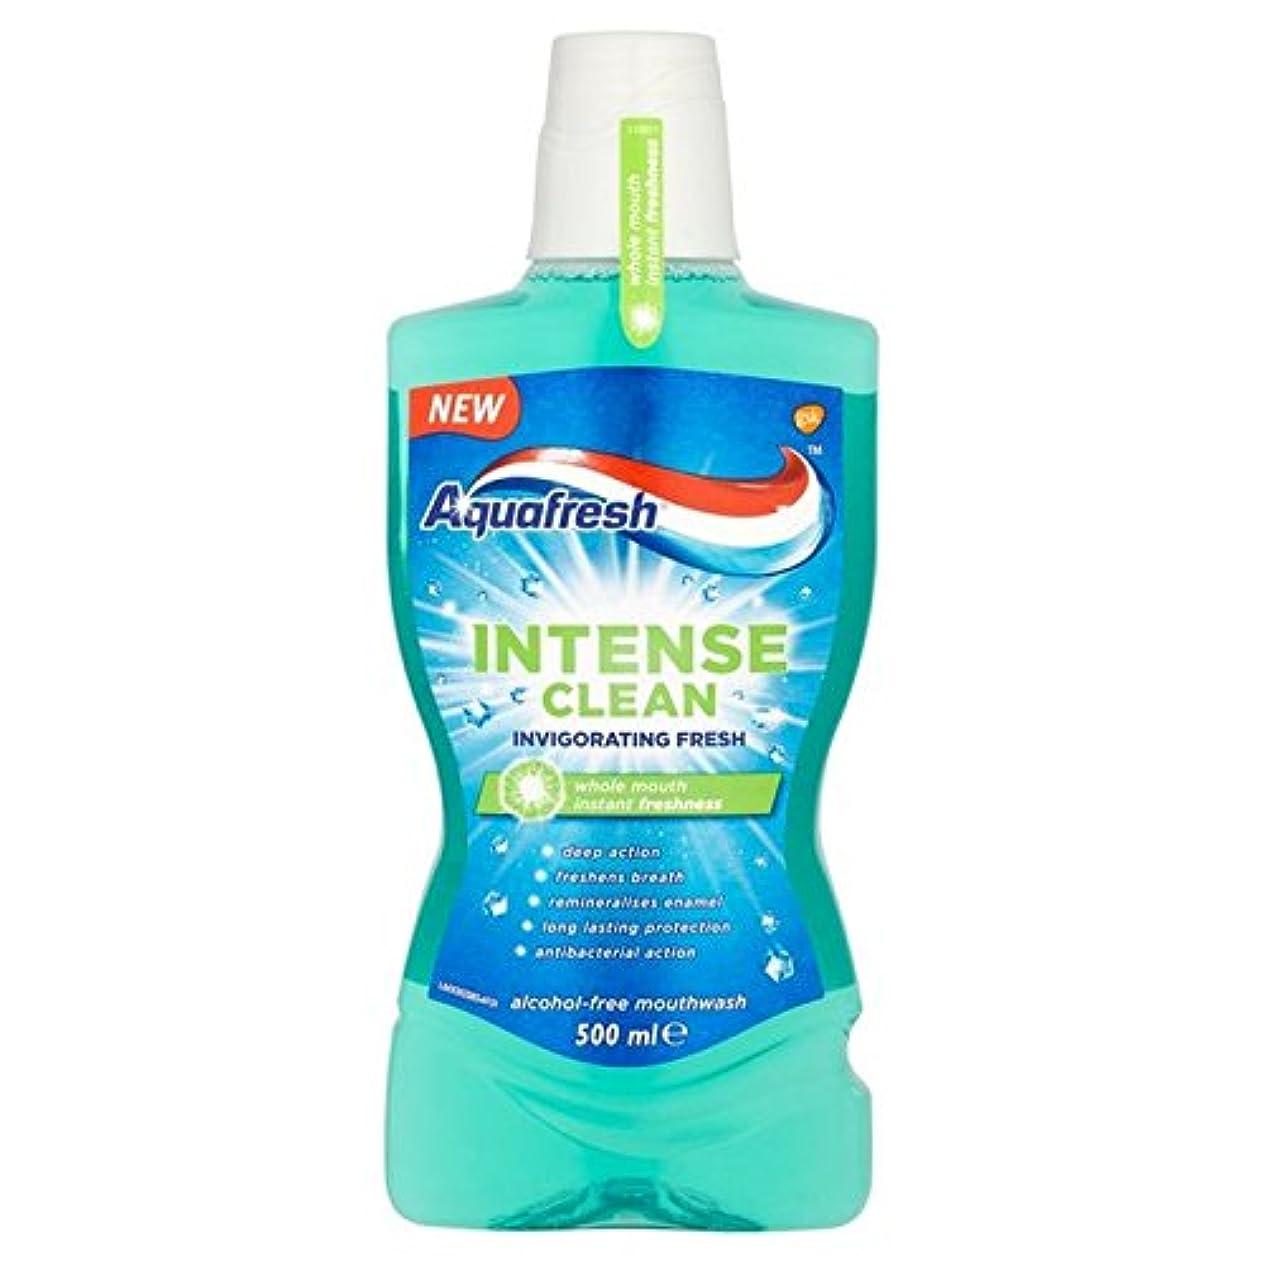 追い越す正当化する彼のAquafresh Intense Clean Invigorating Wash 500ml - アクアフレッシュ強烈なきれいな爽快ウォッシュ500ミリリットル [並行輸入品]